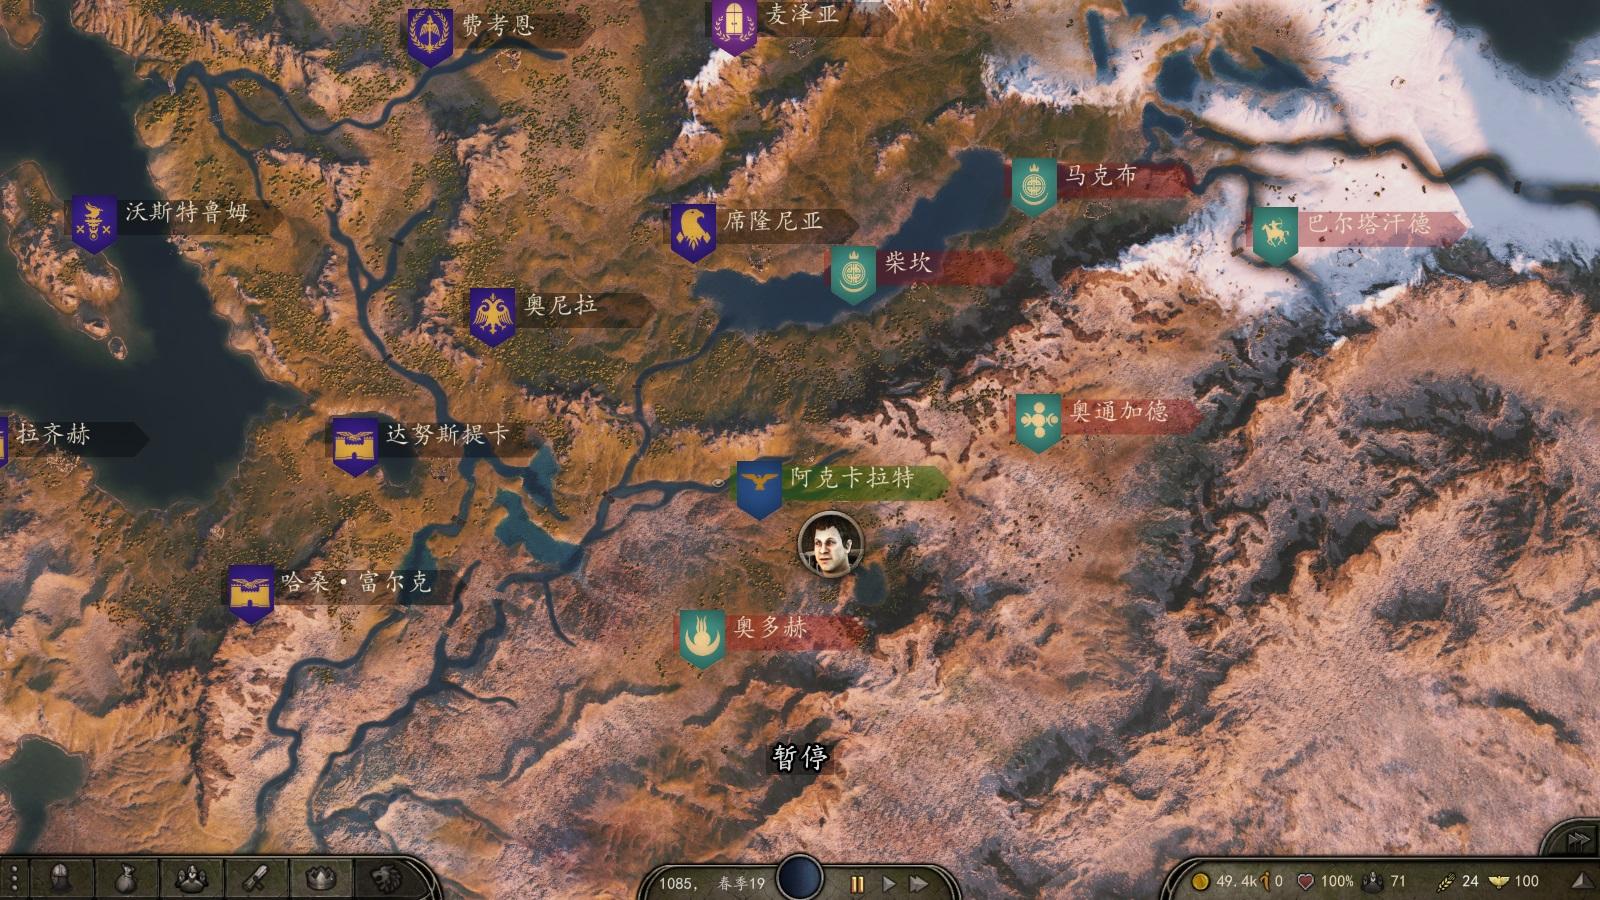 騎馬與砍殺2 任意傳送大地圖